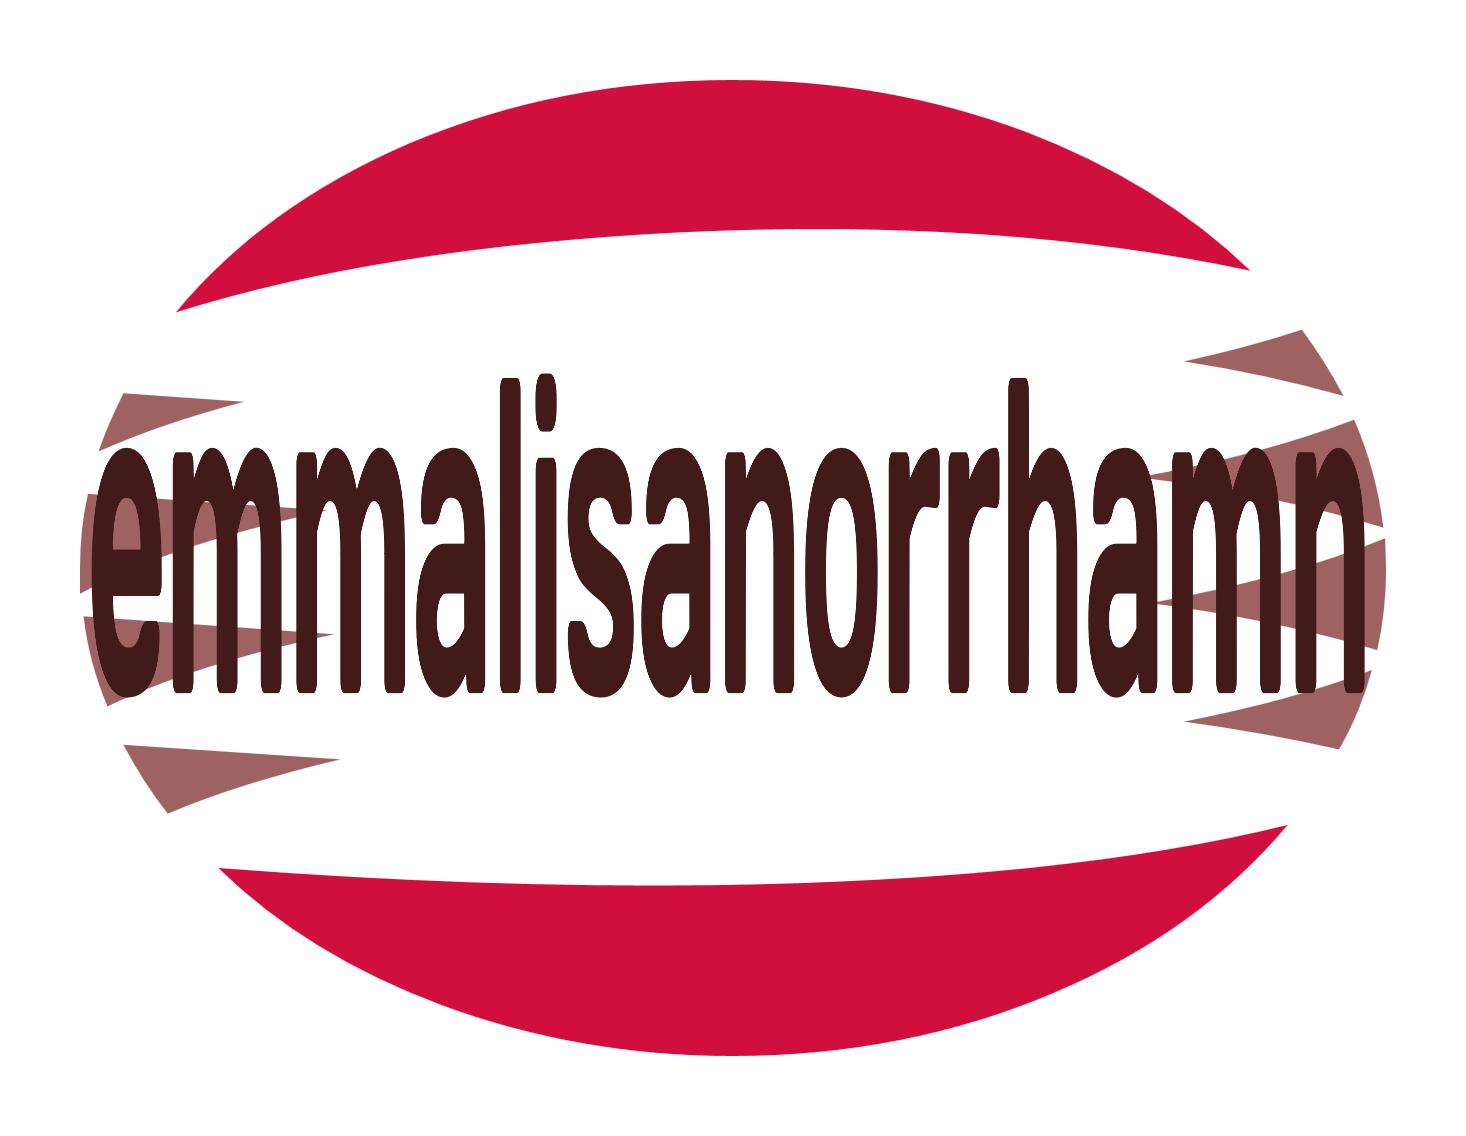 Emmalisanorrhamn - Agen Poker Online